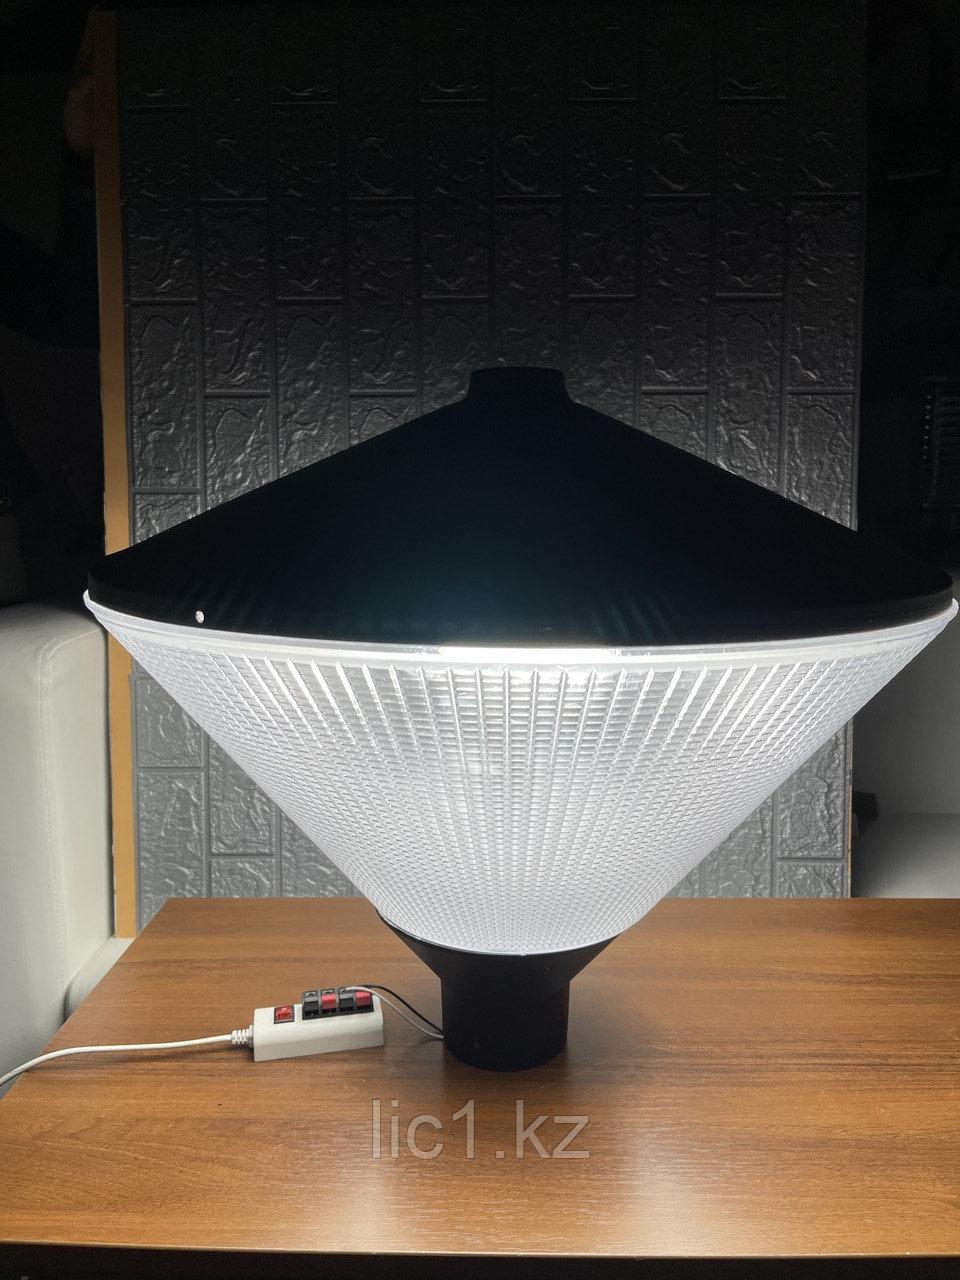 Светильник торшерный ЕСП1. Торшерный светильник. Светильник садово-парковый